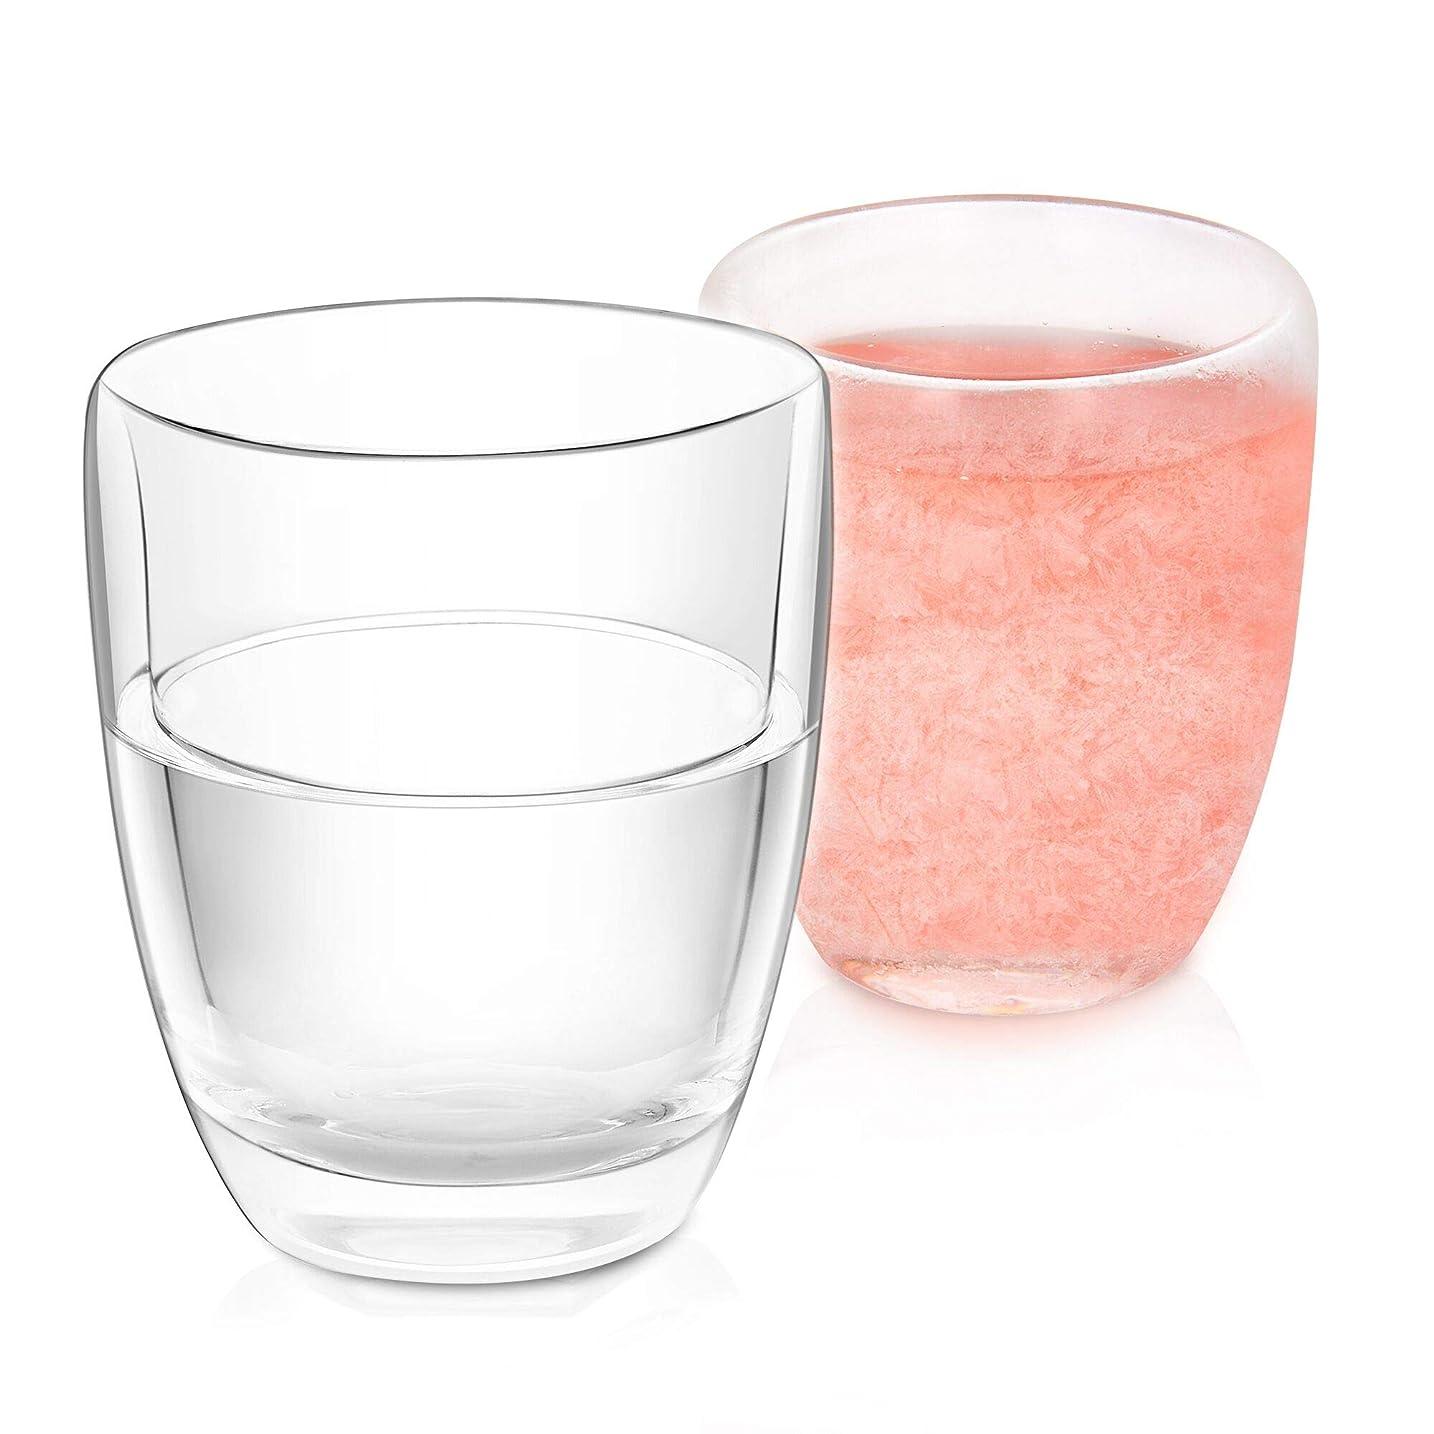 落ち着いて会員ペフNWK ダブルウォールジェル フロスティフリーズ冷却カップ 2個セット 10オンス ステムレスワイングラス ギフト BBQ プールパーティー アウトドアに最適